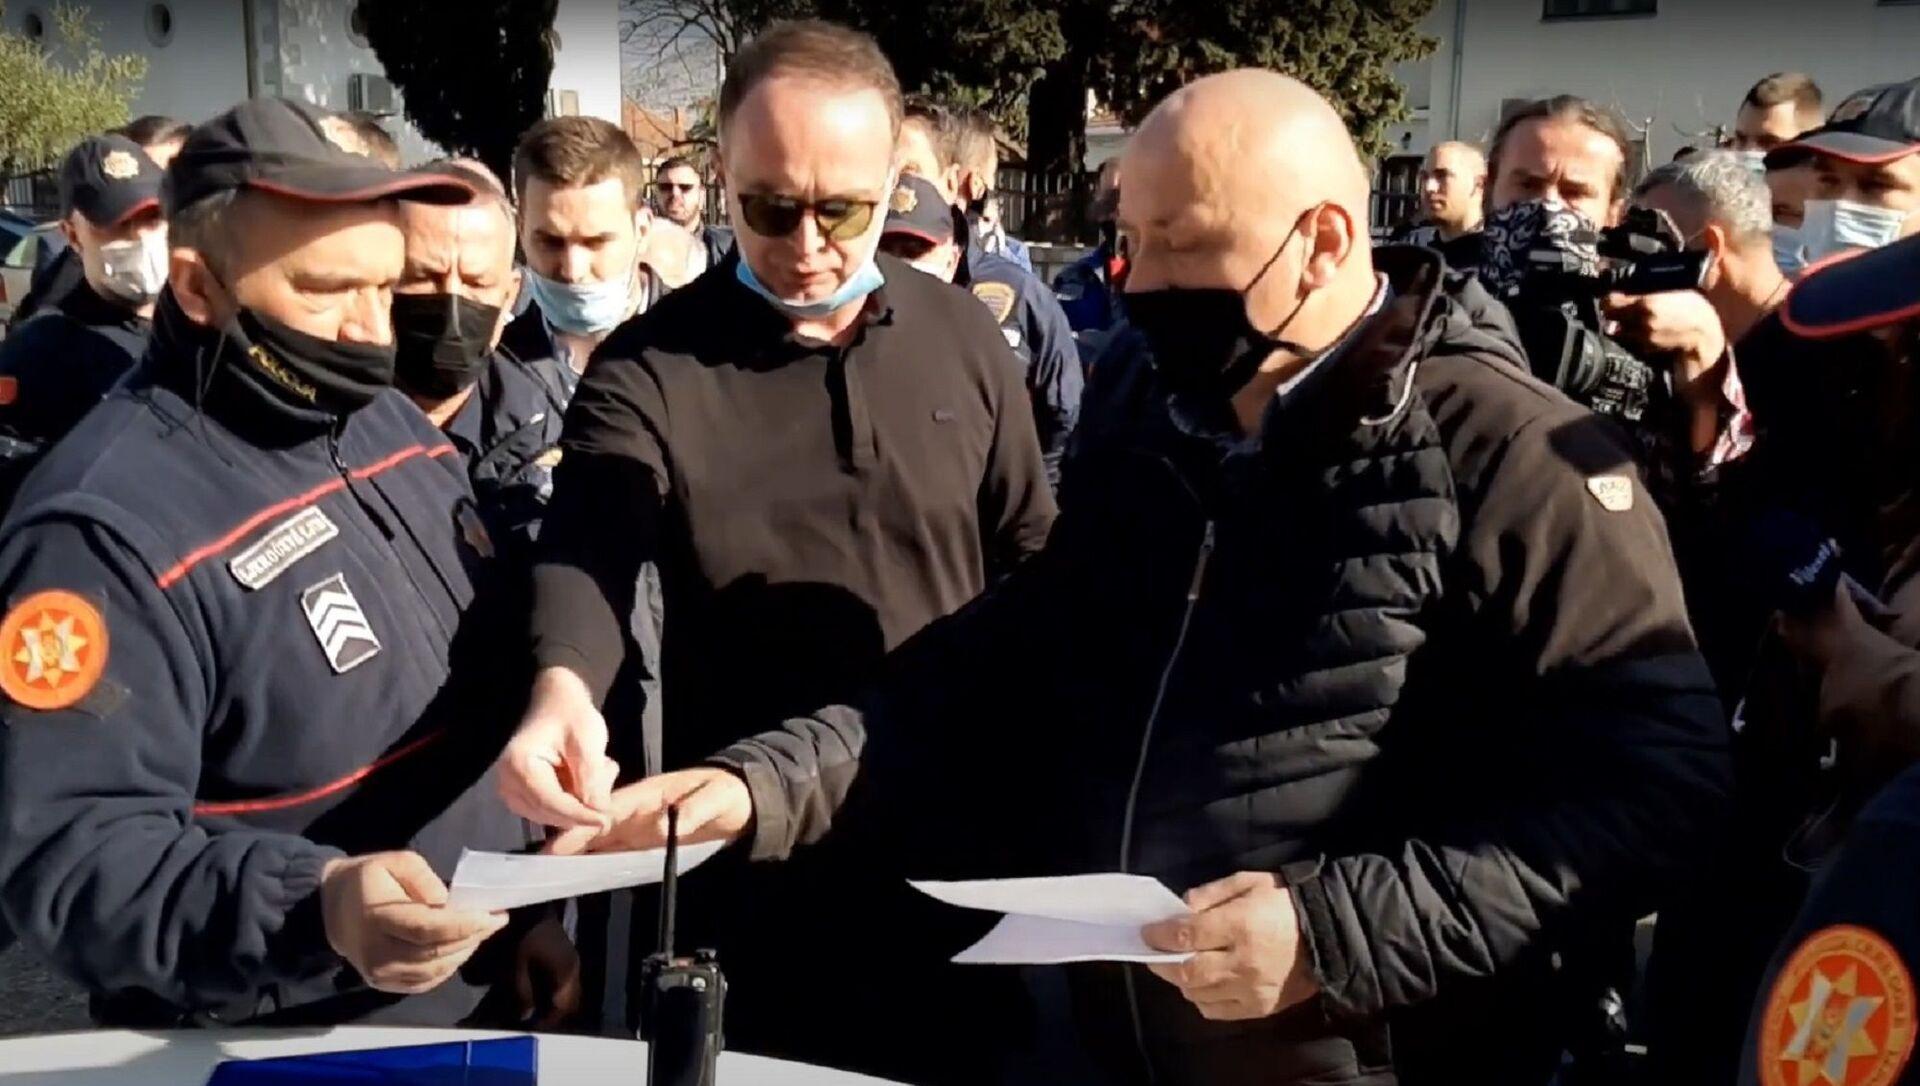 Intervencija policije u Tuzima zbog bojkota epidemioloških mera koje je naložio predsednik opštine Nik Đeljošaj (u sredini) - Sputnik Srbija, 1920, 25.02.2021